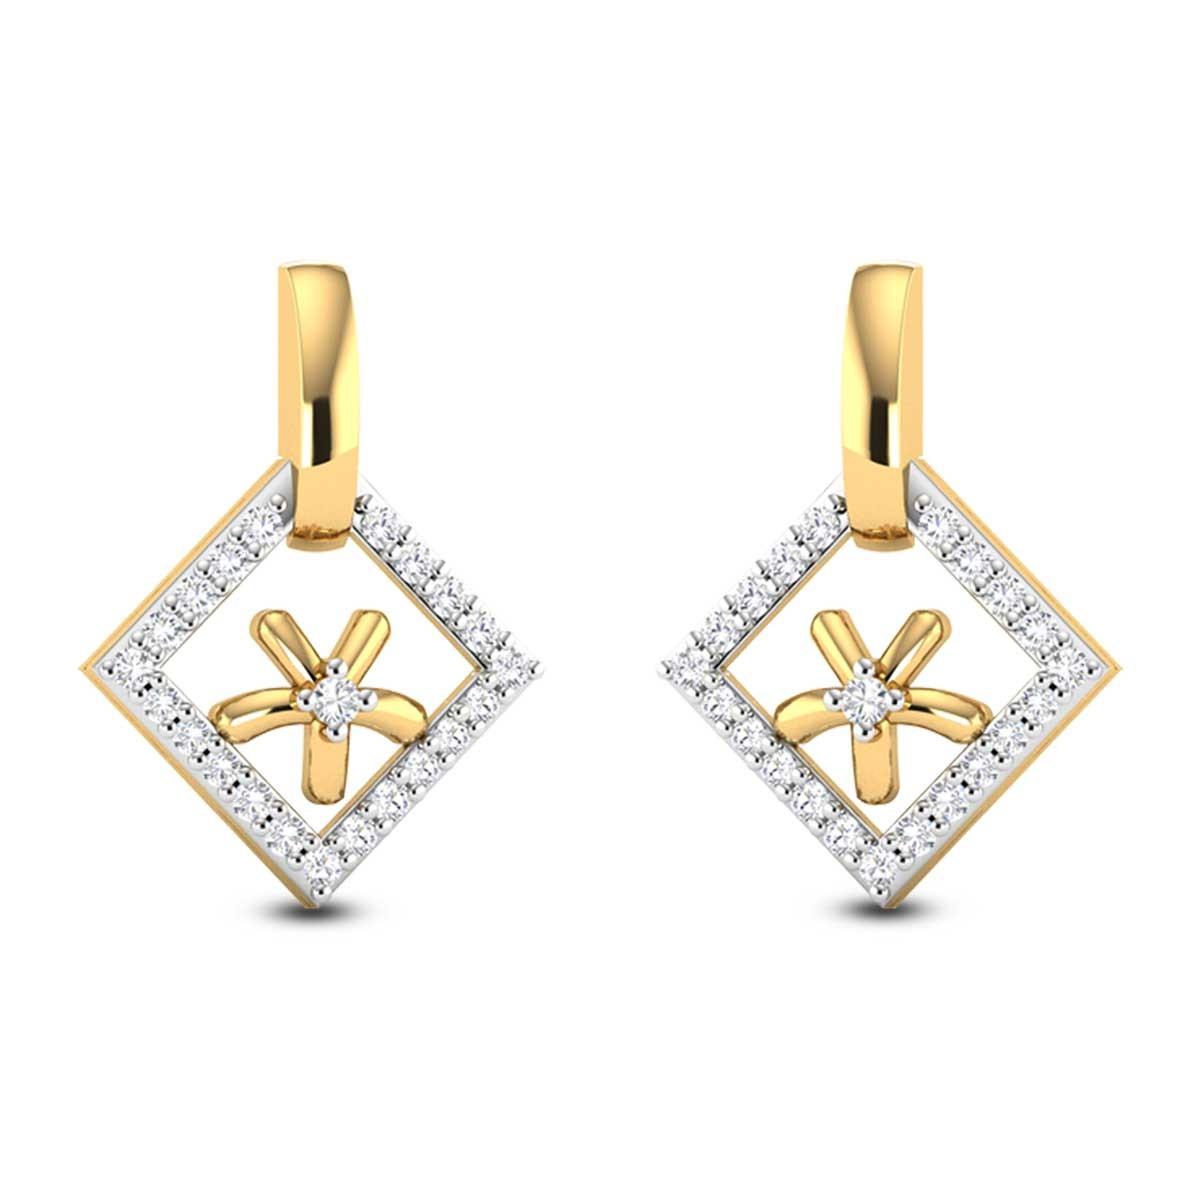 Romilly Diamond Earrings